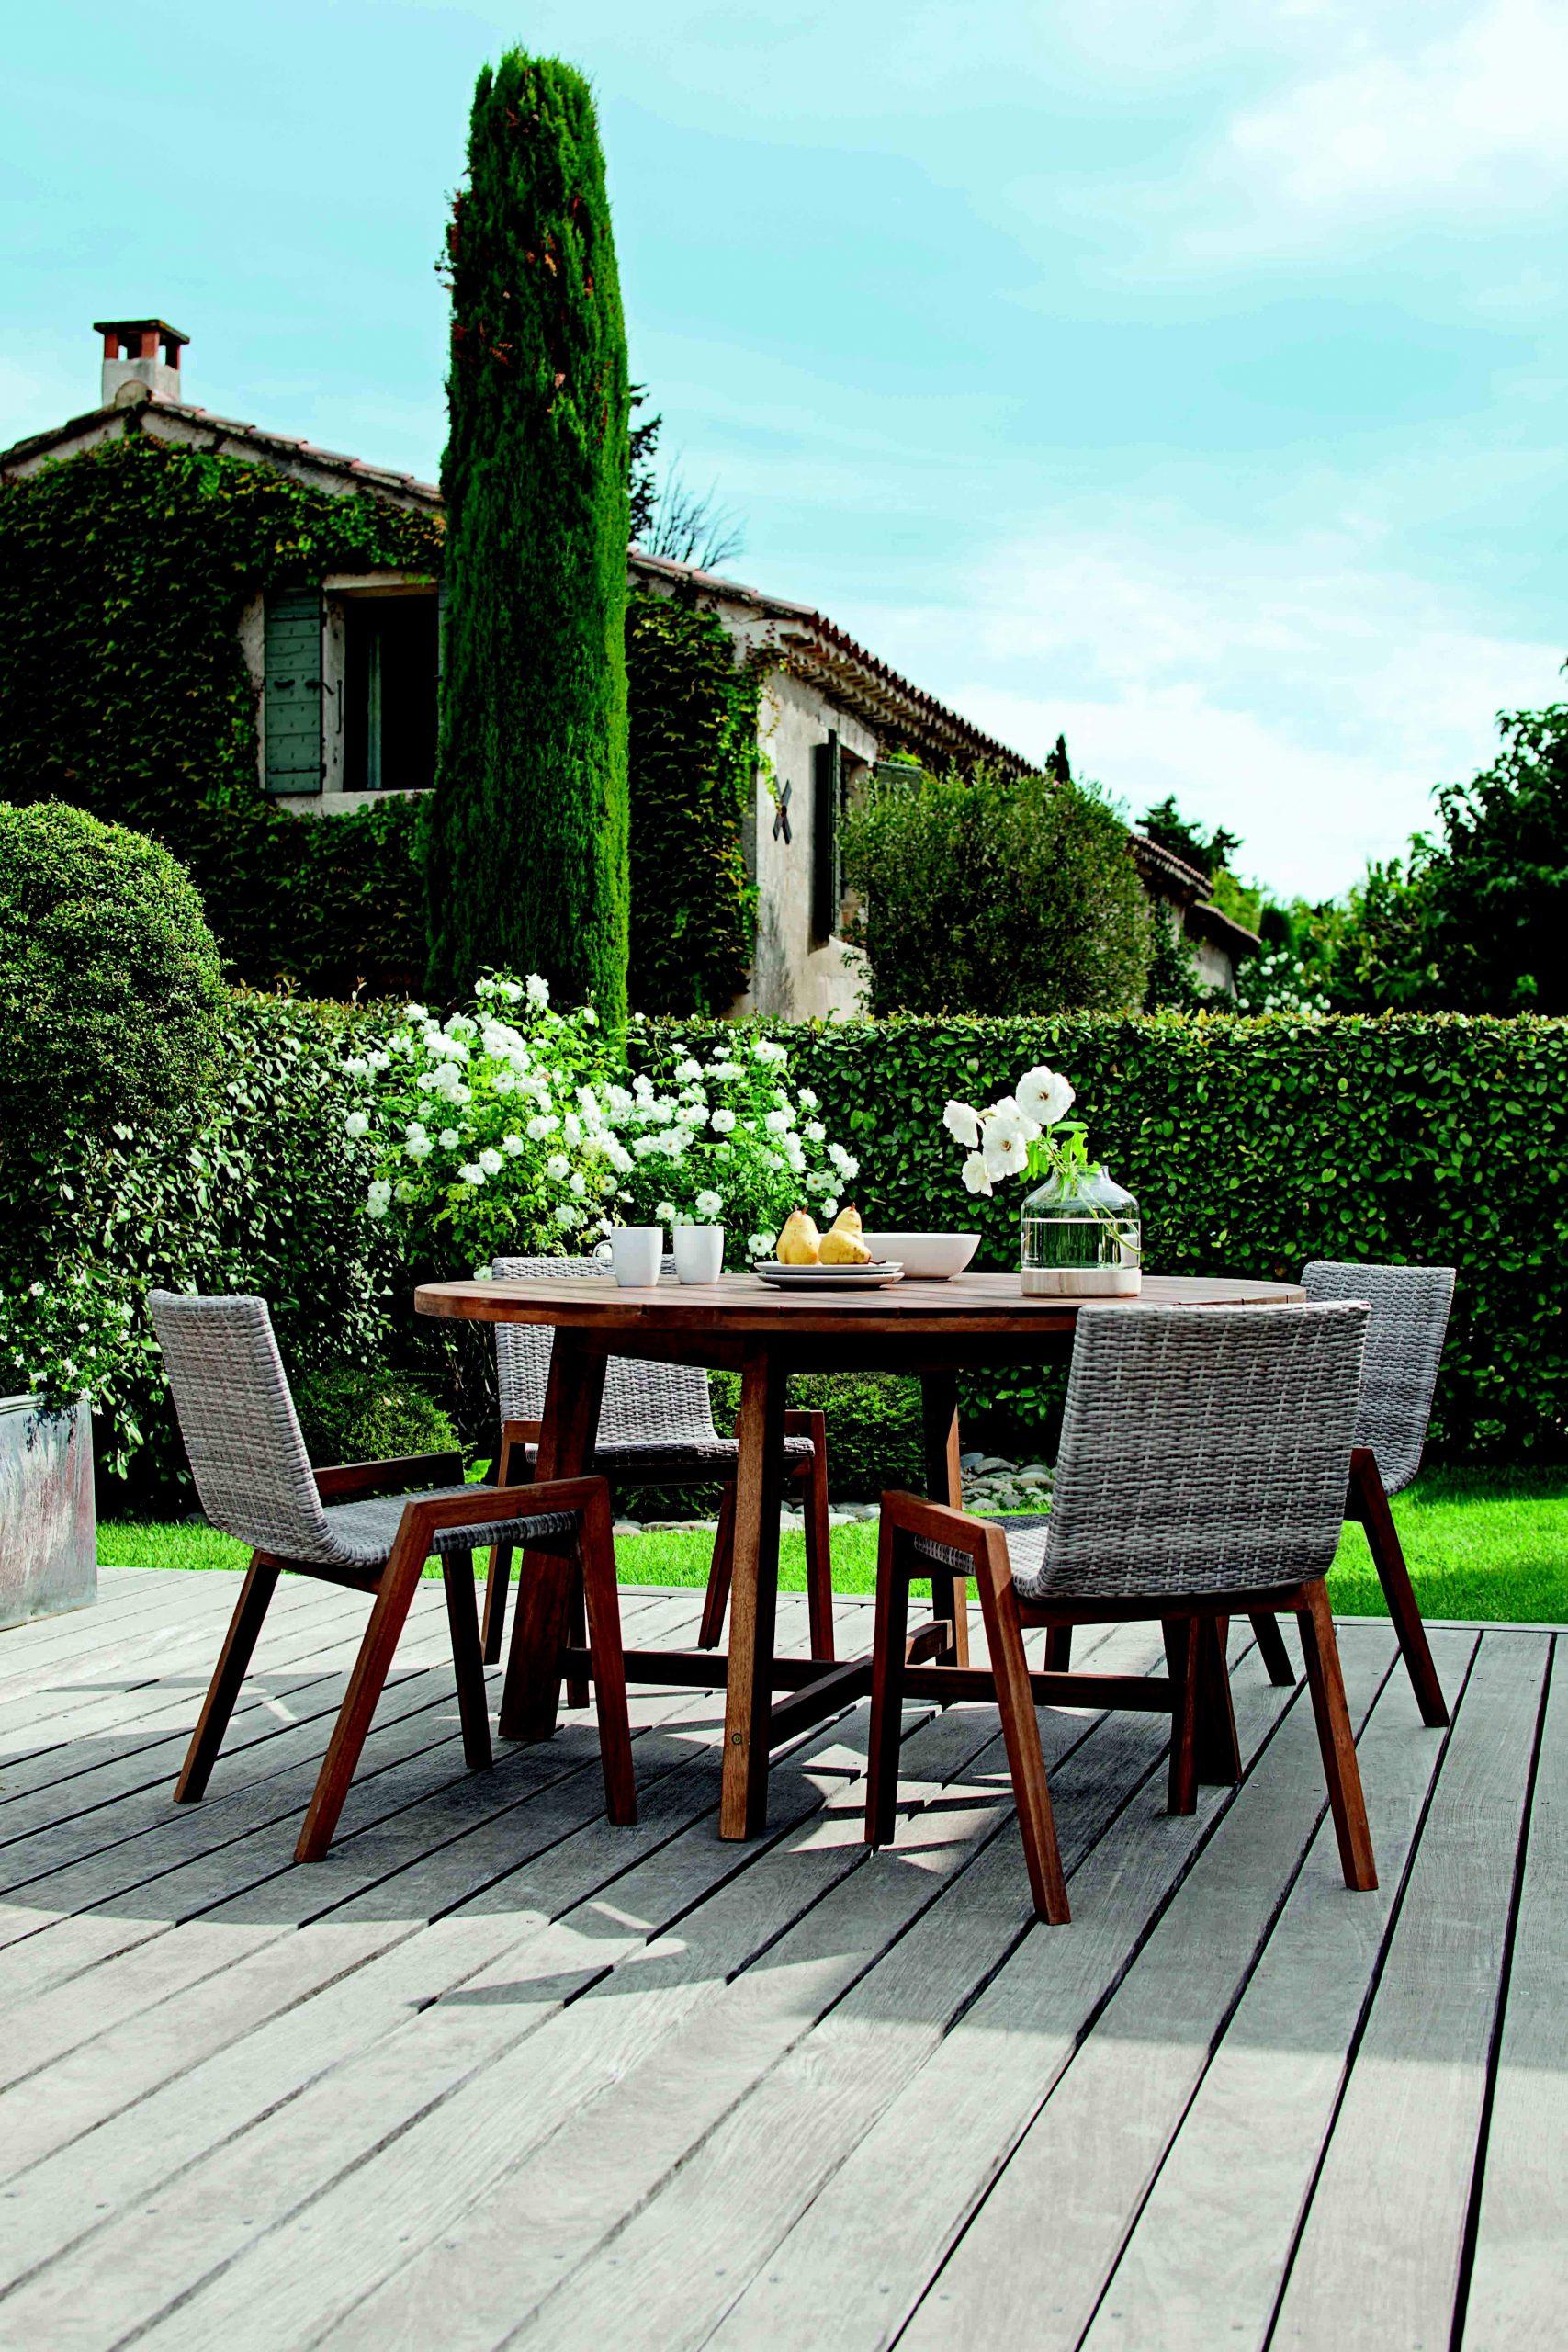 Salon De Jardin Maison Du Monde - The Best Undercut Ponytail pour Salon De Jardin Maison Du Monde